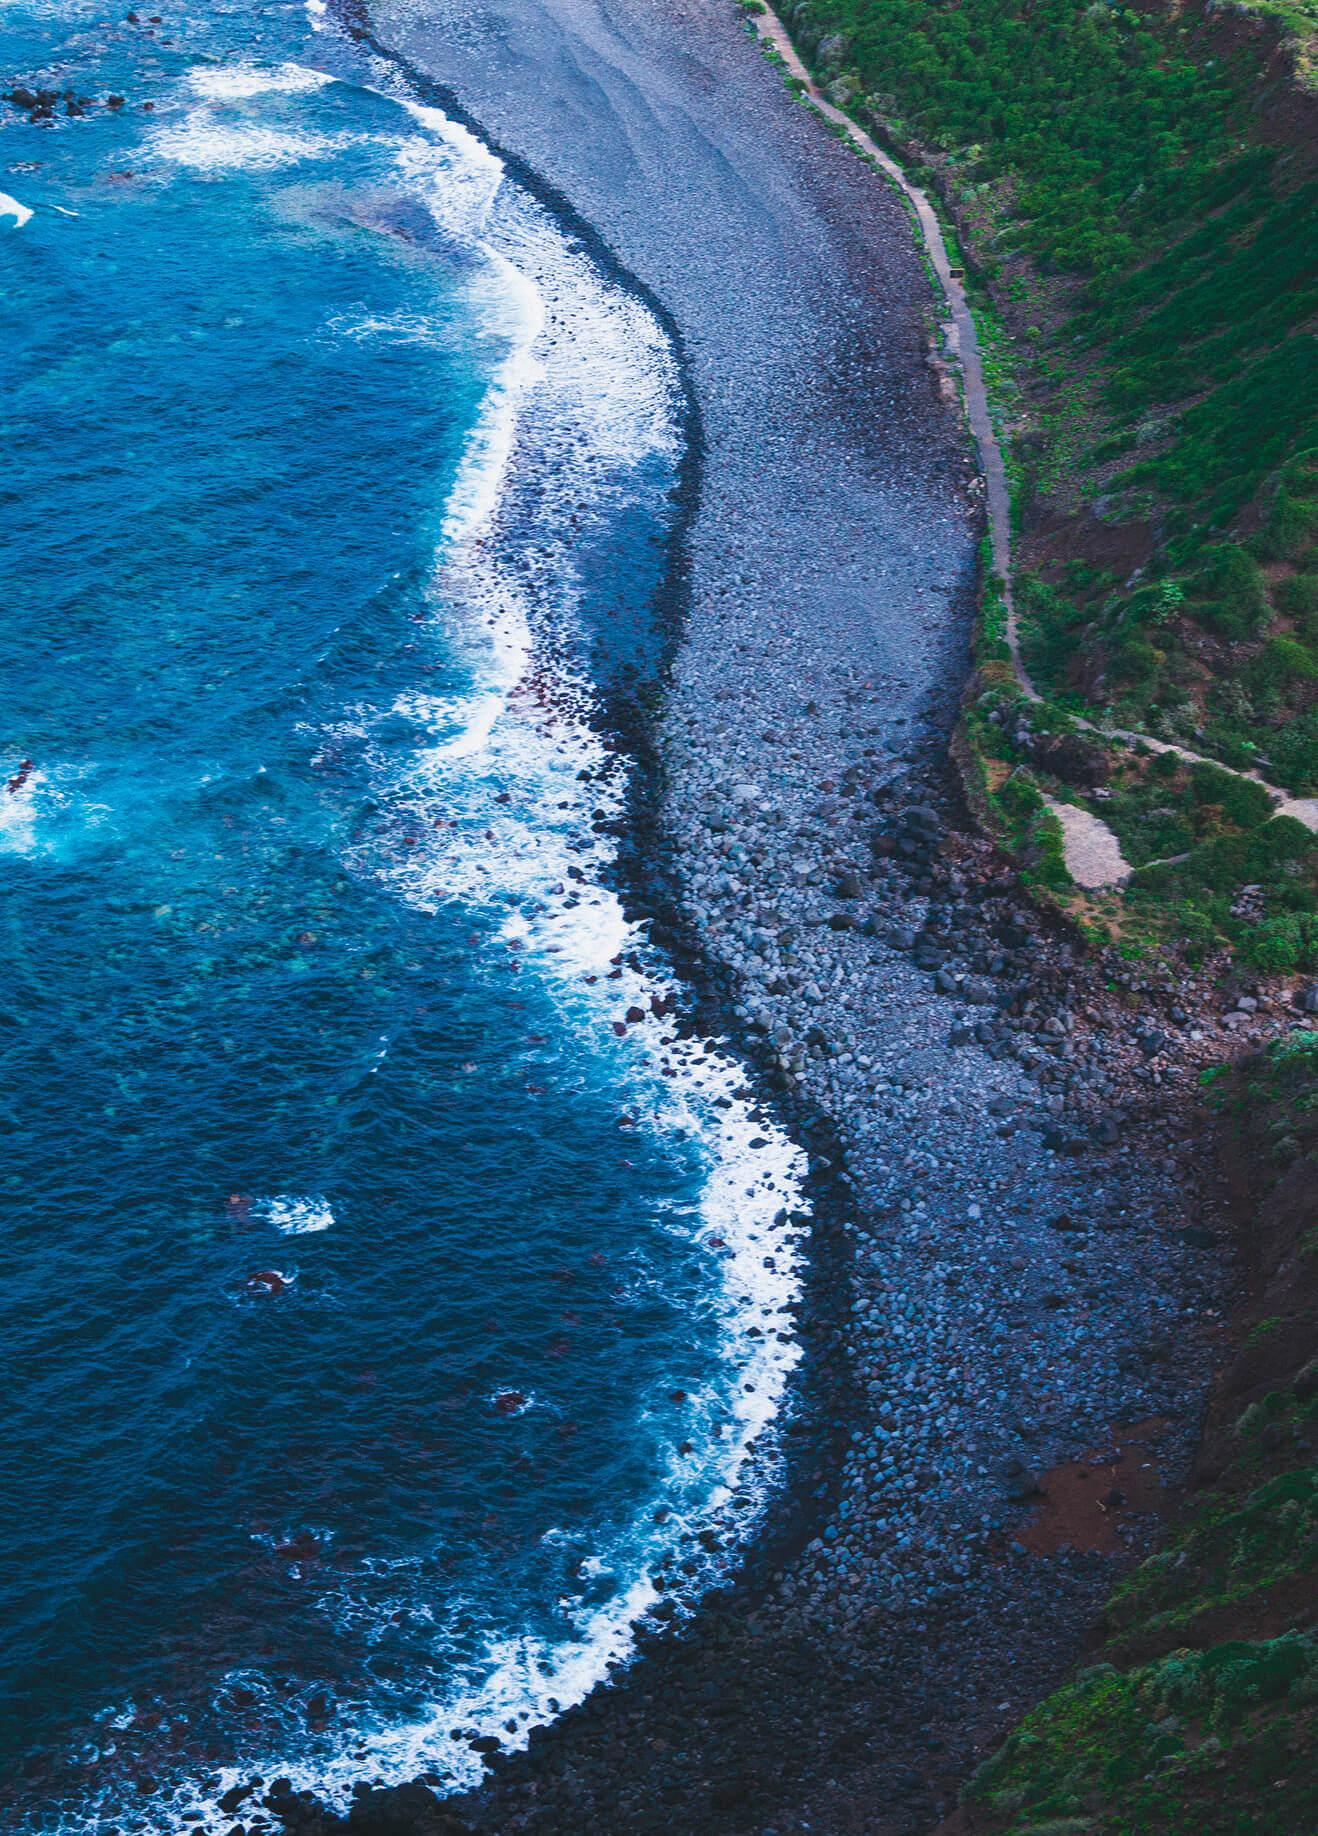 Excursiones desde Tenerife: Lanzarote y su parque Timanfaya